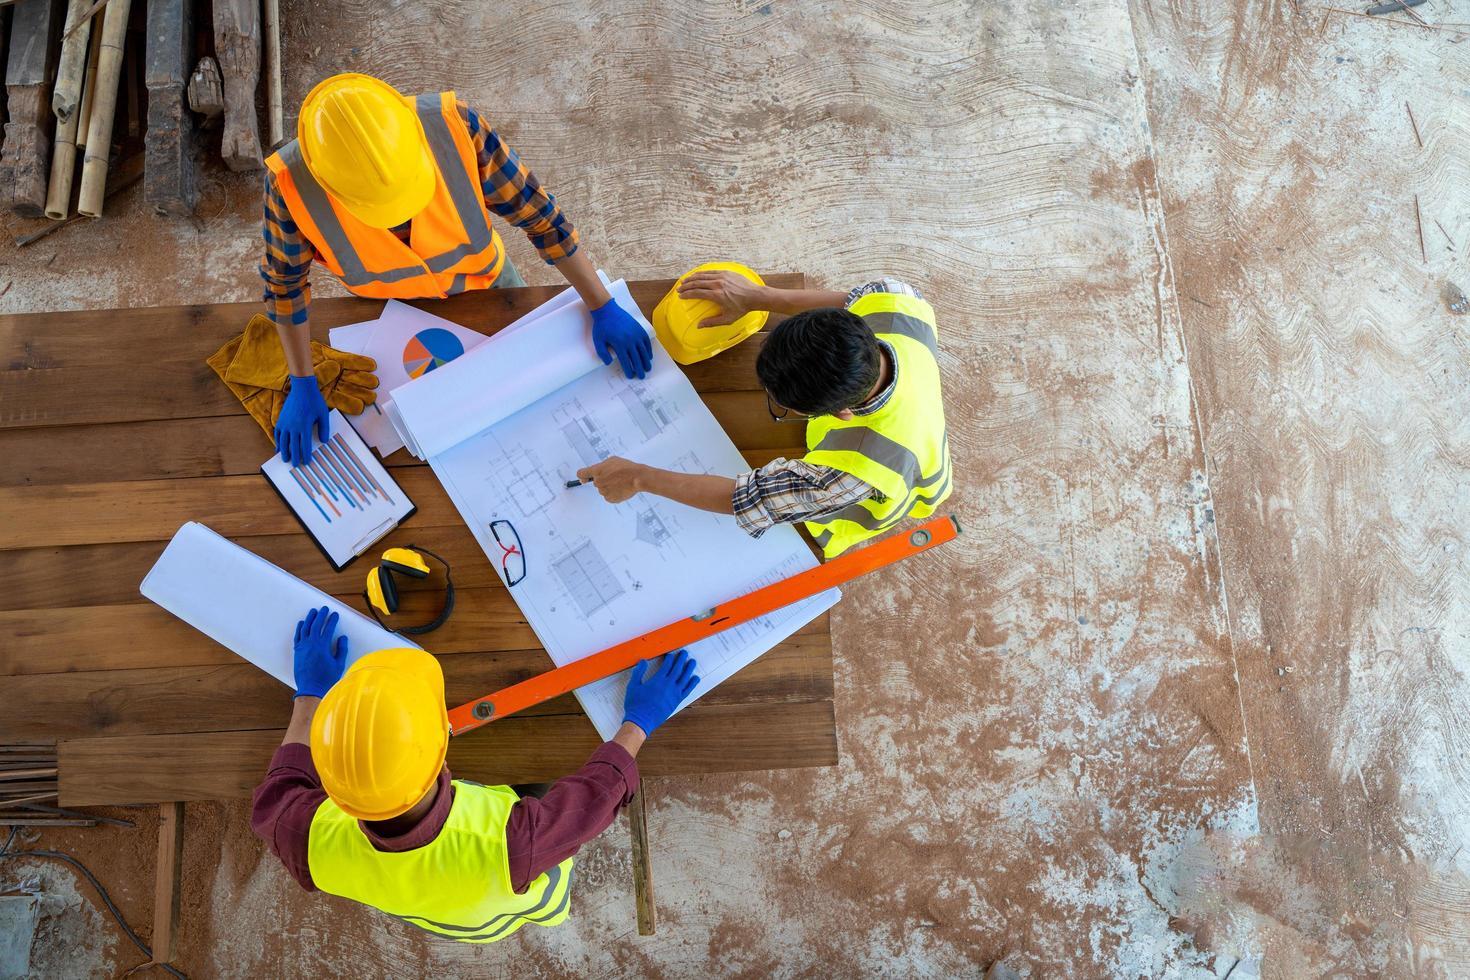 Ingenieur und Architekten mit Bauplänen foto